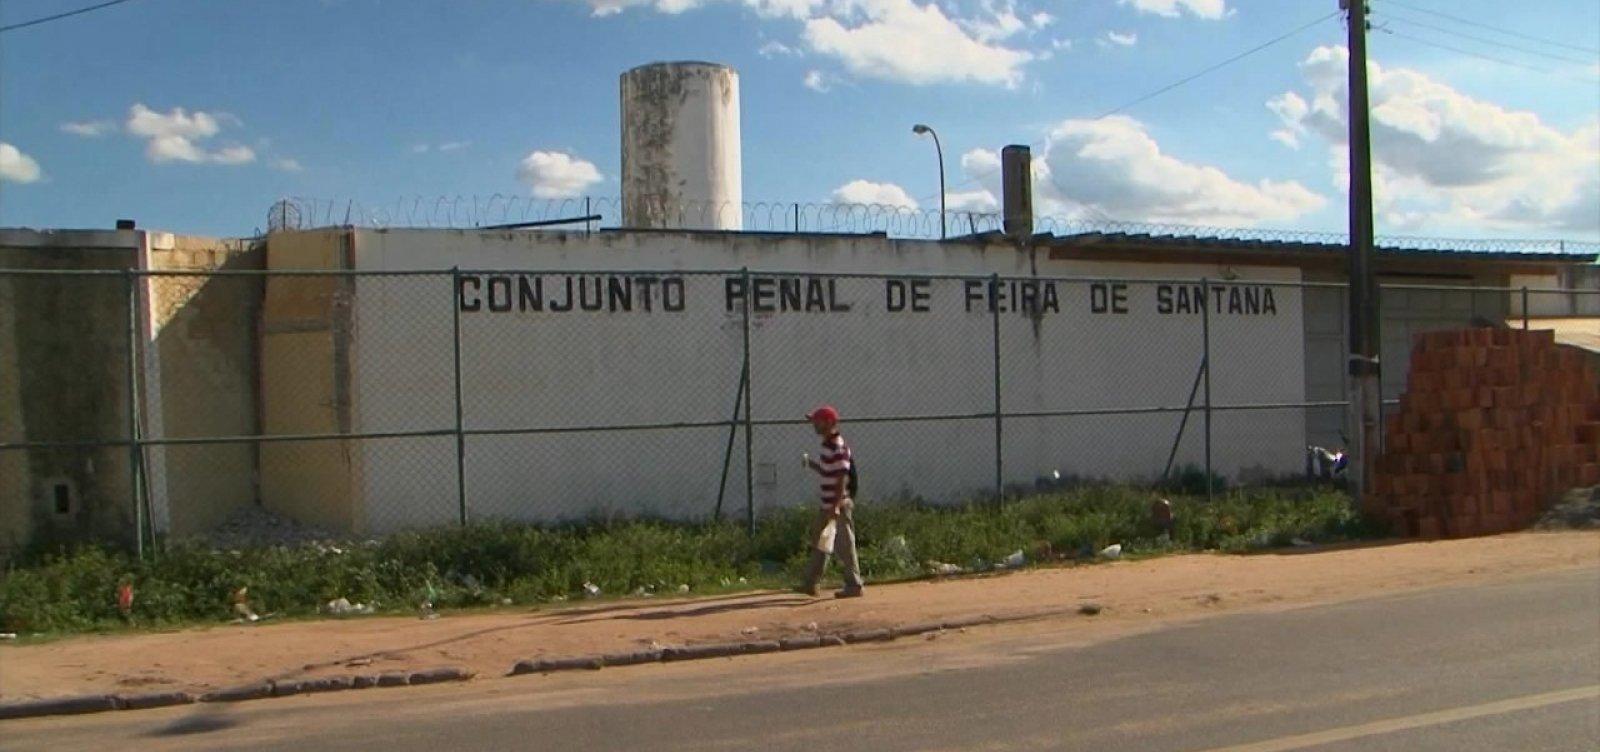 Justiça encontra irregularidades em visita a conjunto penal de Feira de Santana